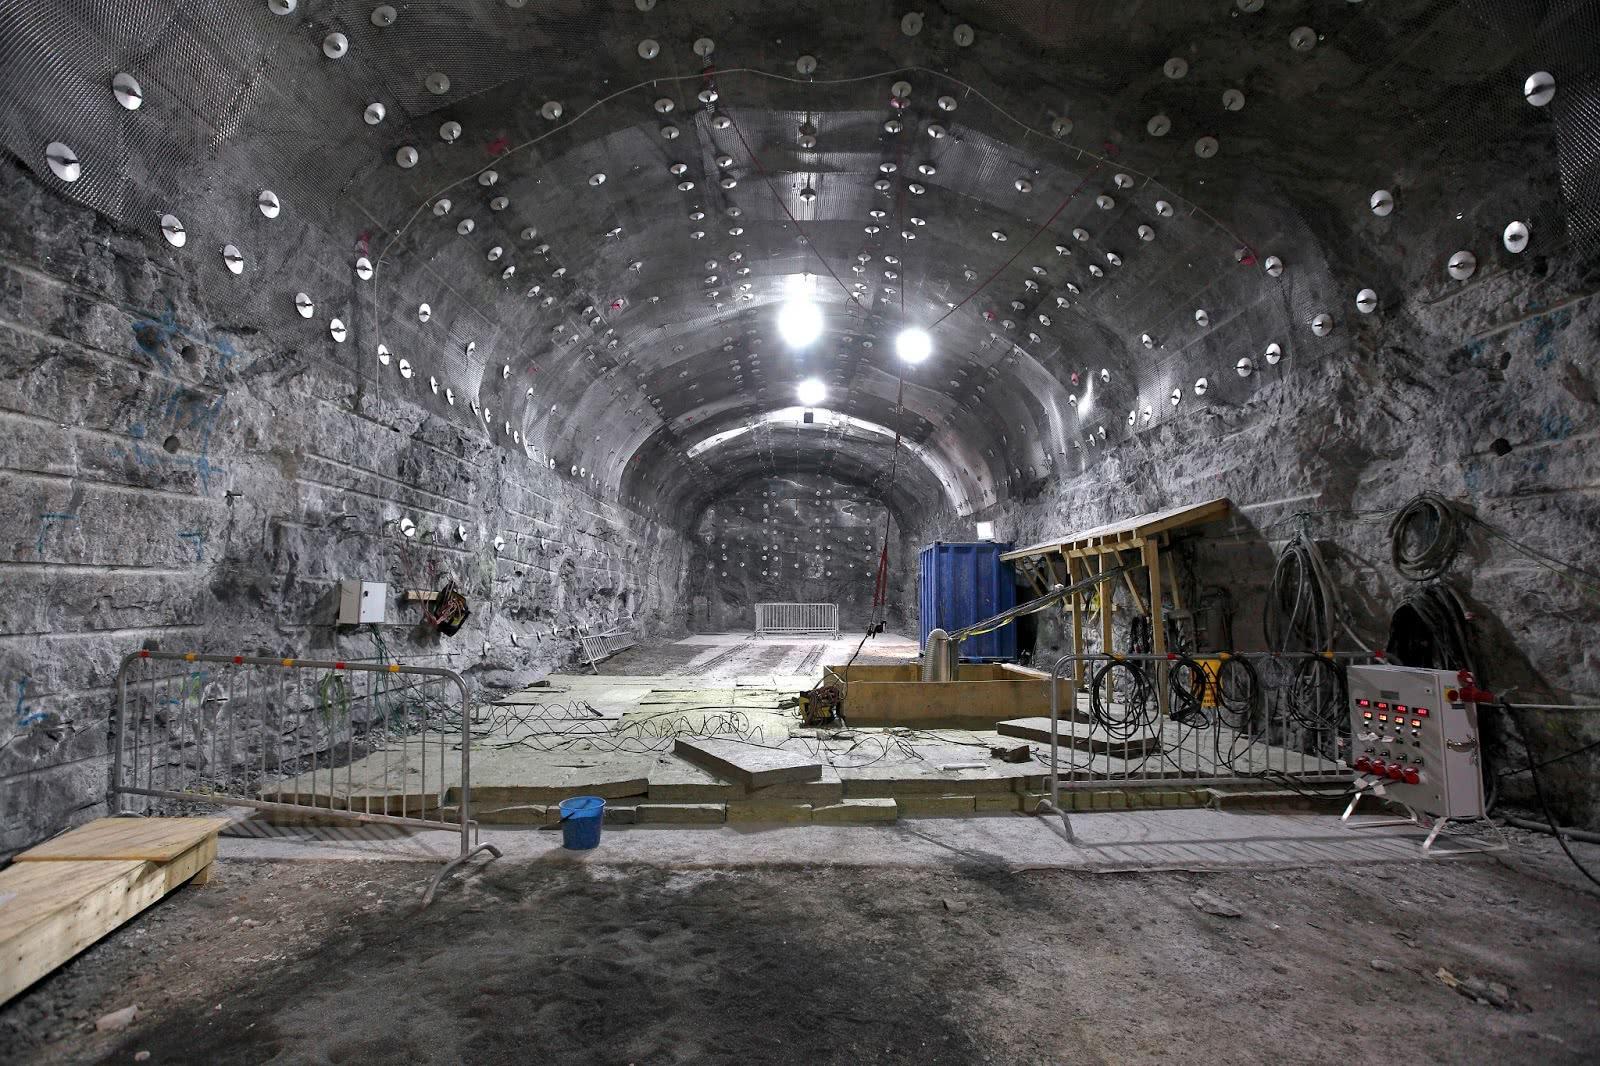 中国超级地下城市:总面积达10.4万平方米,可防御100吨氢弹!